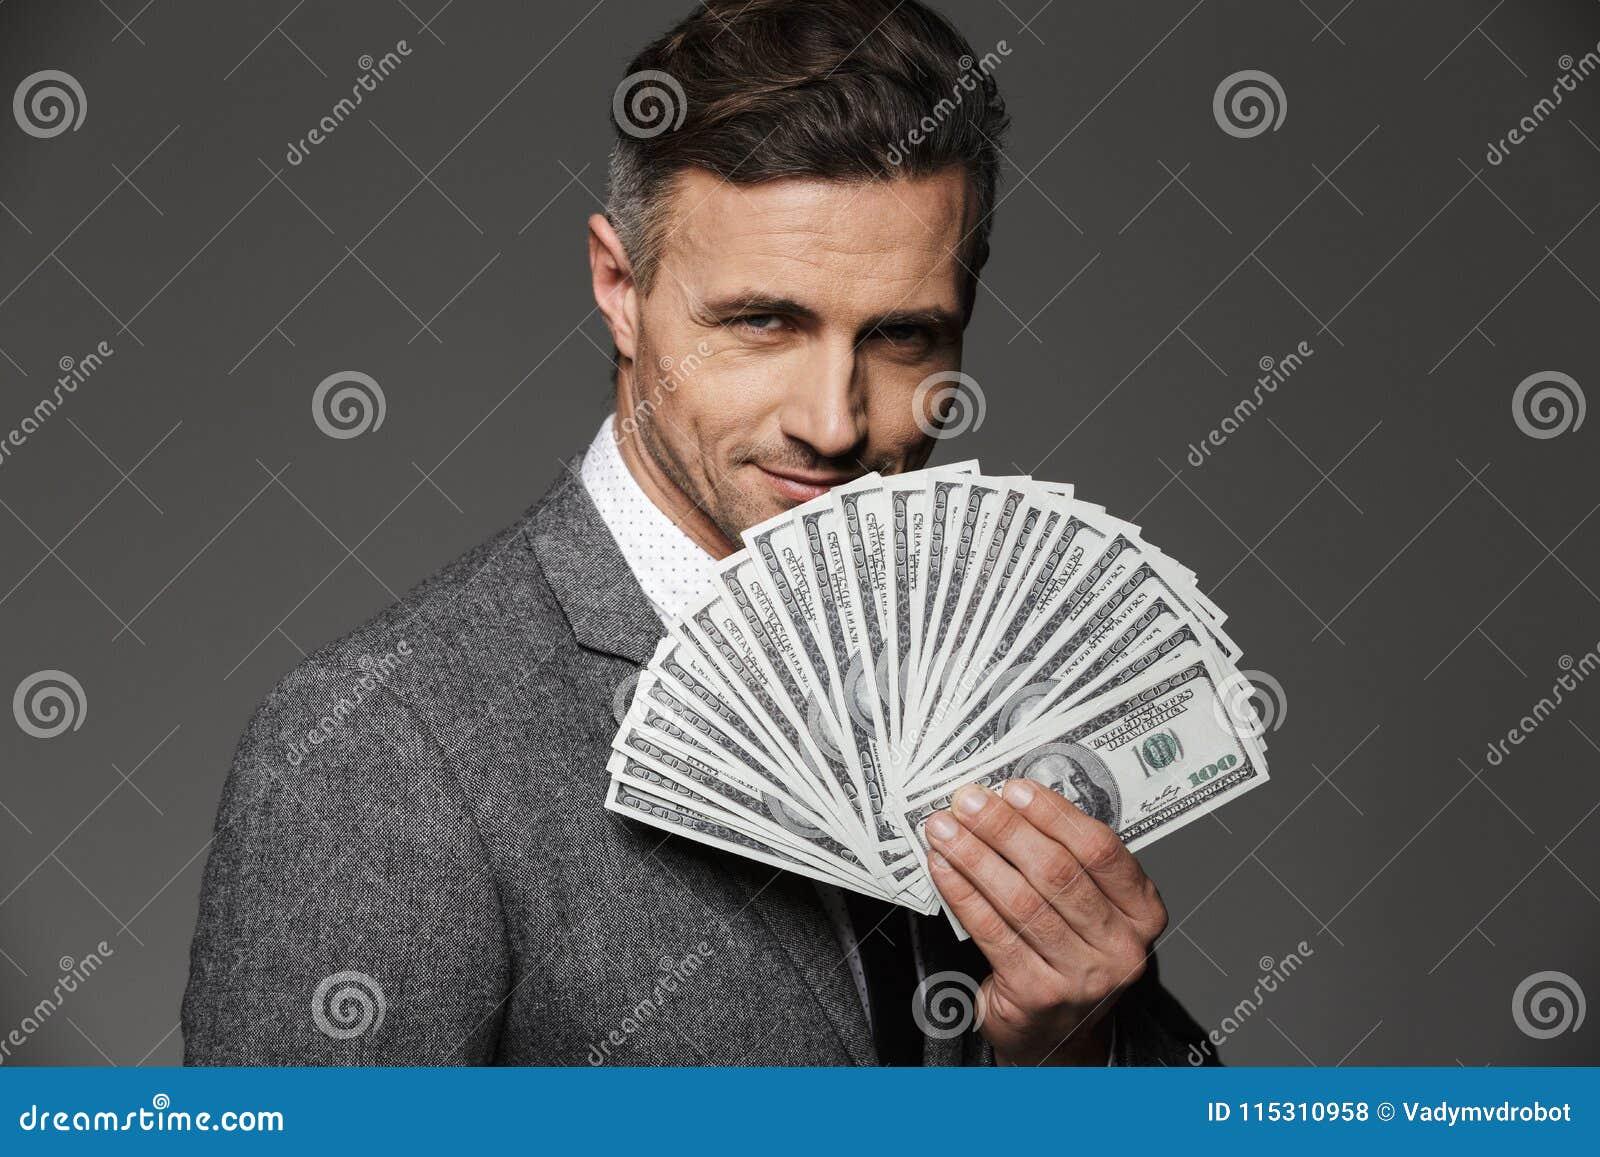 Foto del individuo rico y feliz 30s del empresario en el traje de negocios de